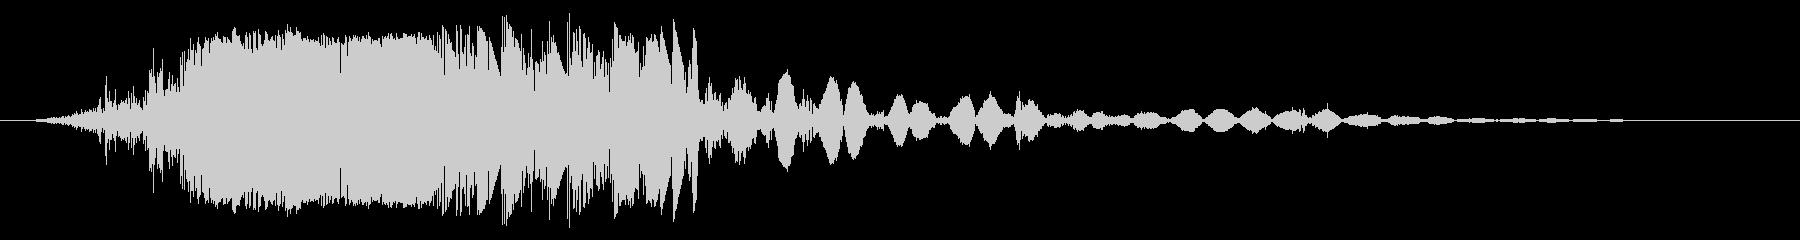 ヘビーアイスクラッシュの影響の未再生の波形